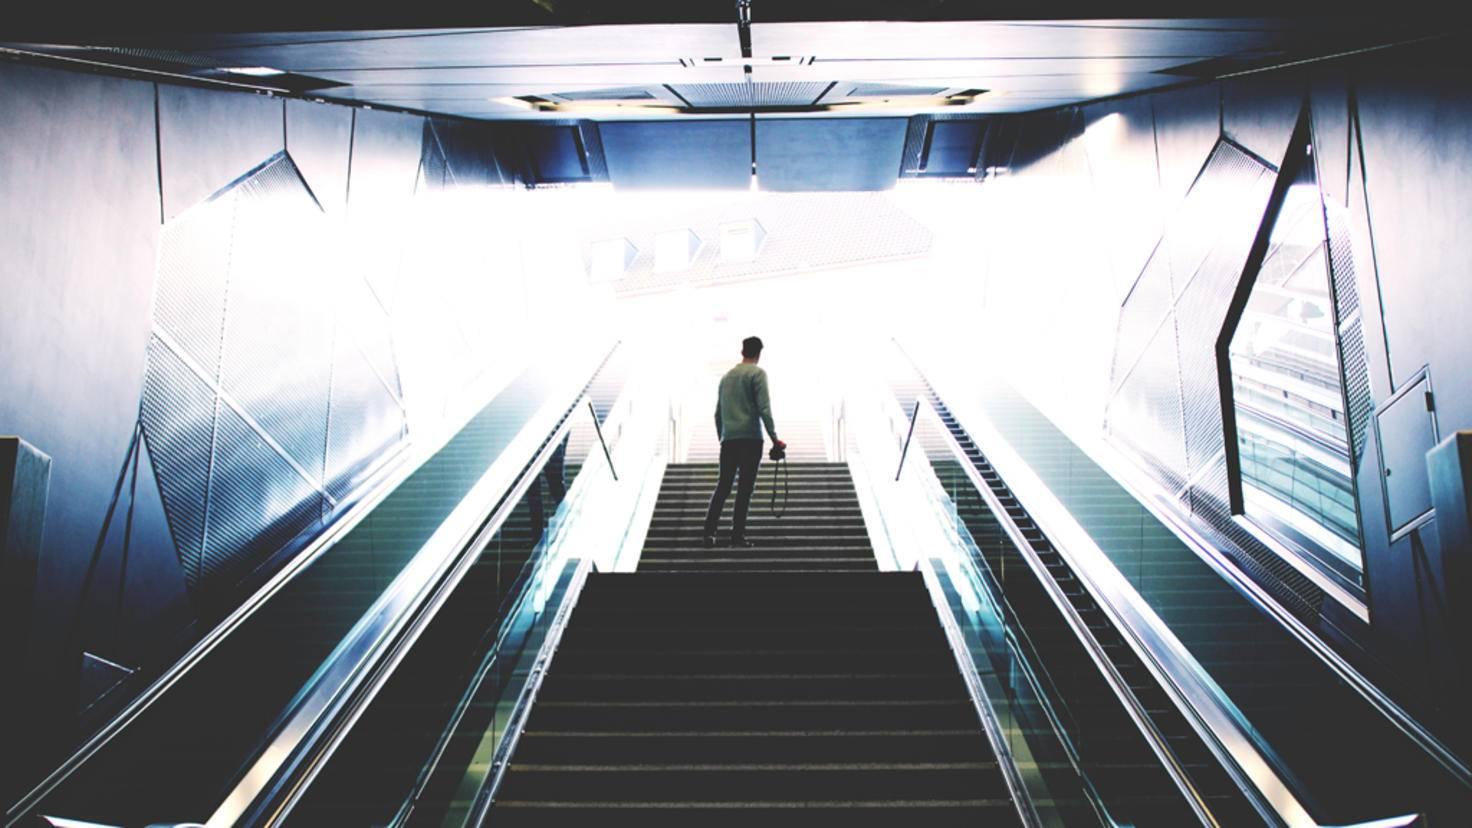 Wer braucht schon Rolltreppen? Klassisches Stufensteigen ist viel gesünder.